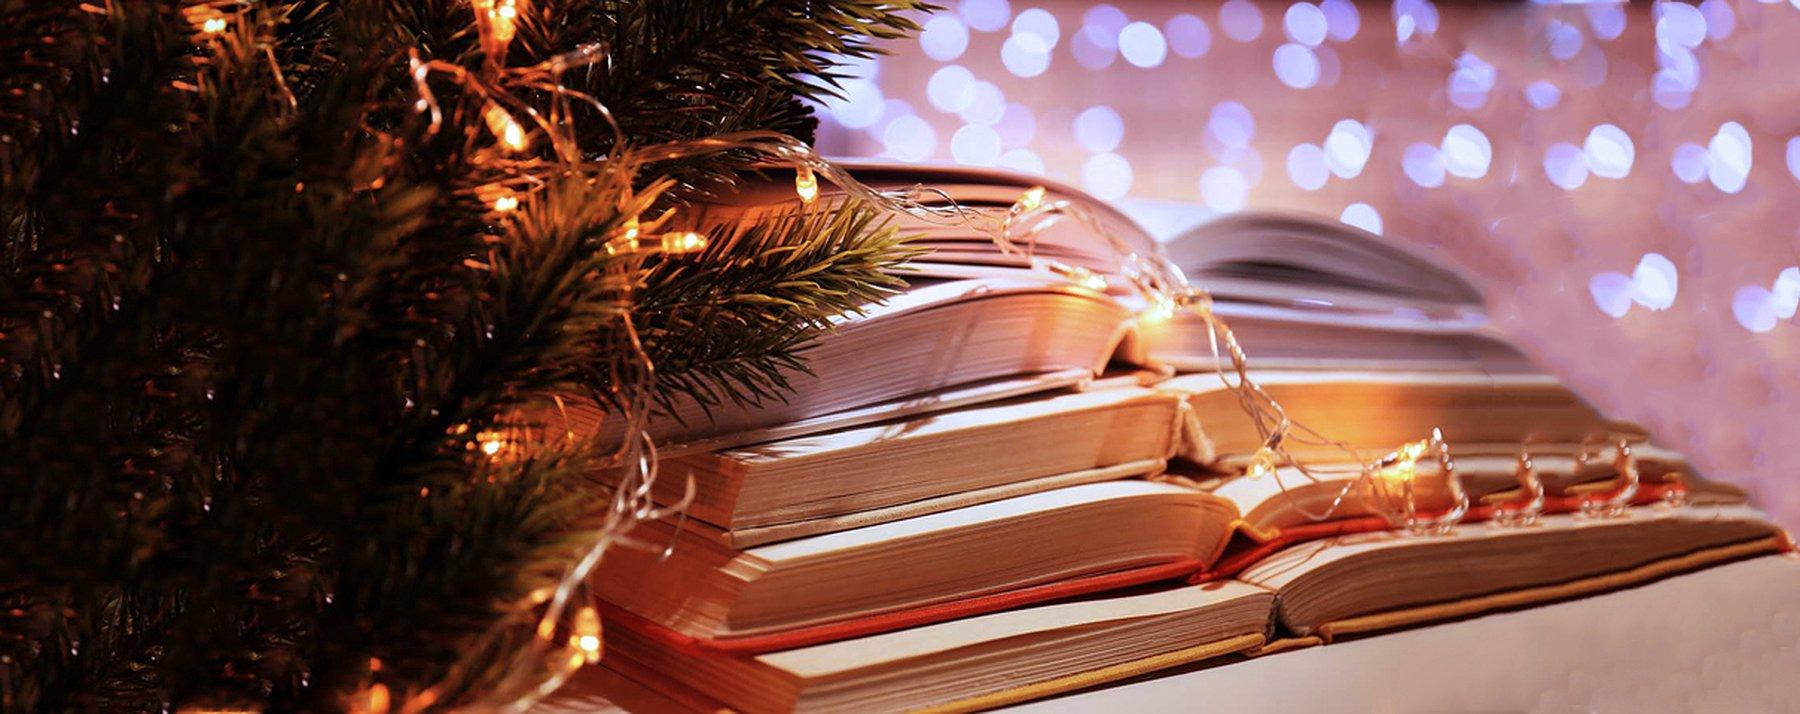 Как подготовиться к Новому году. Идеи из хороших книг : Статья : ПКПБ им. А. М. Горького : pgpb.ru